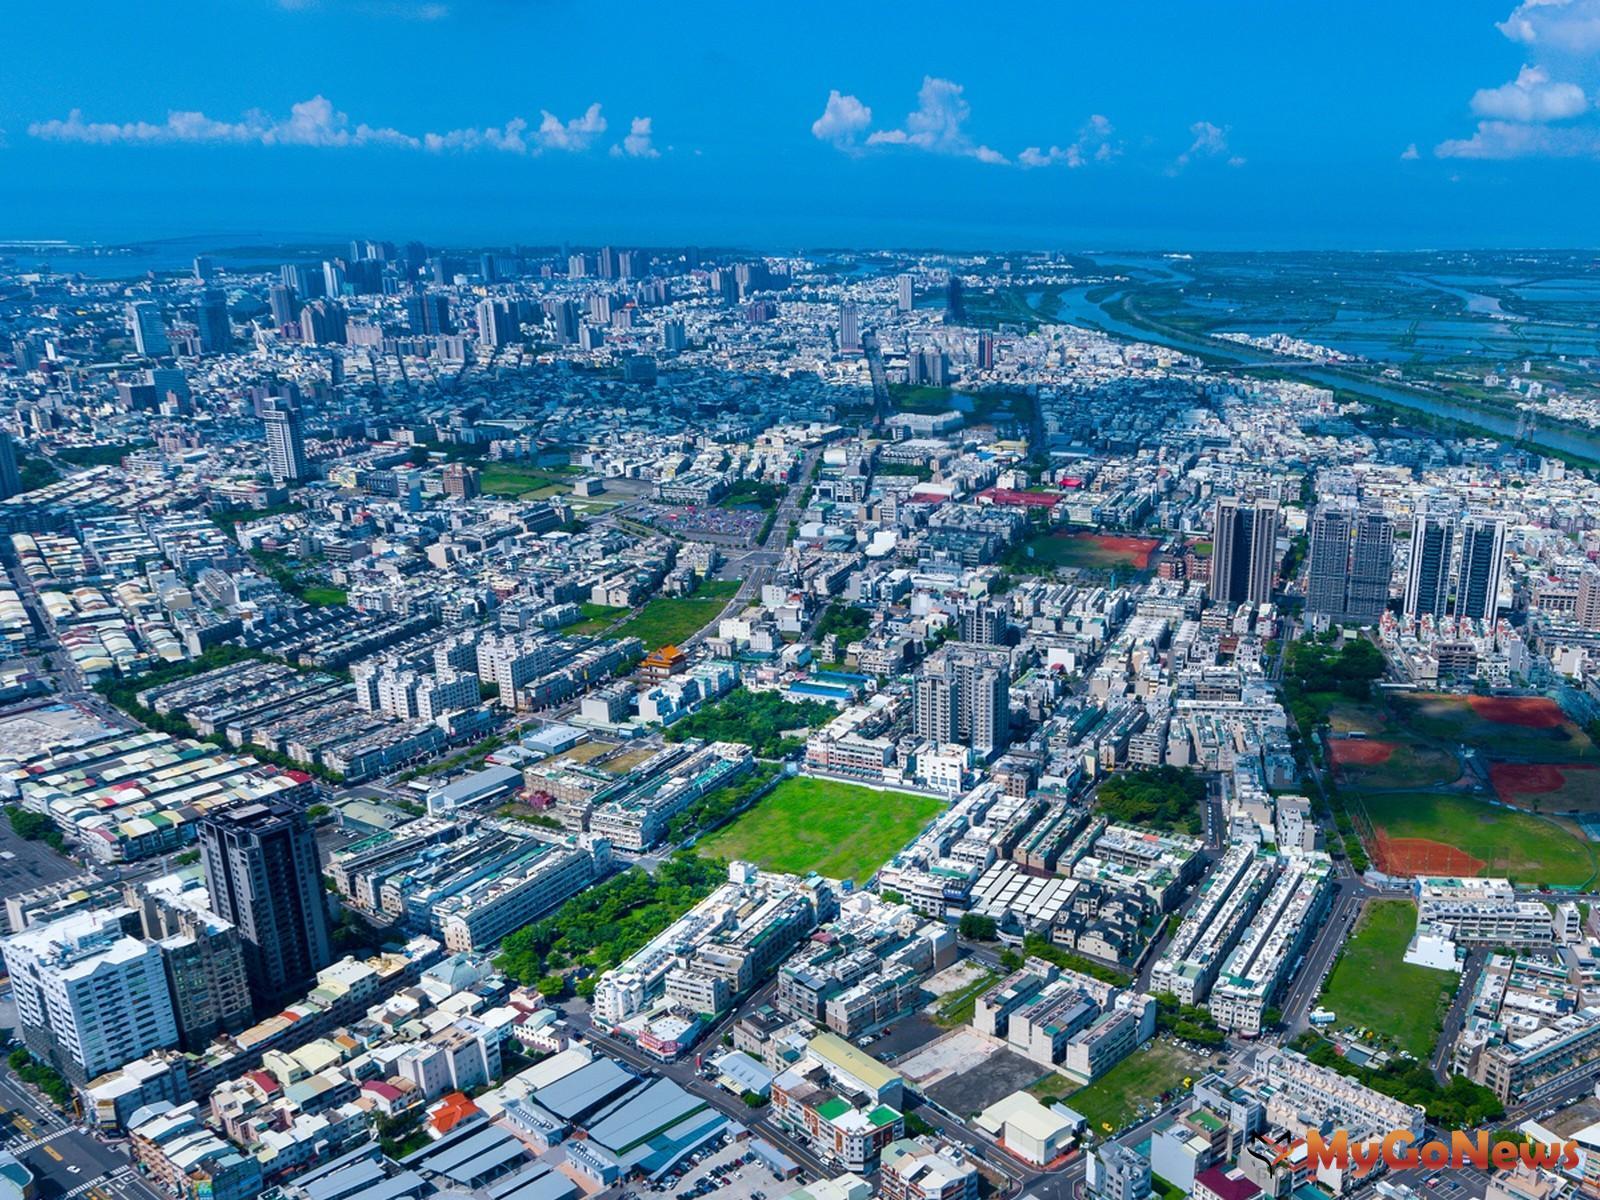 鄭子寮重劃區位於台南市北區正核心區位,且擁有市中心稀有高綠覆率、低密度優勢。(圖/業者提供) MyGoNews房地產新聞 熱銷推案